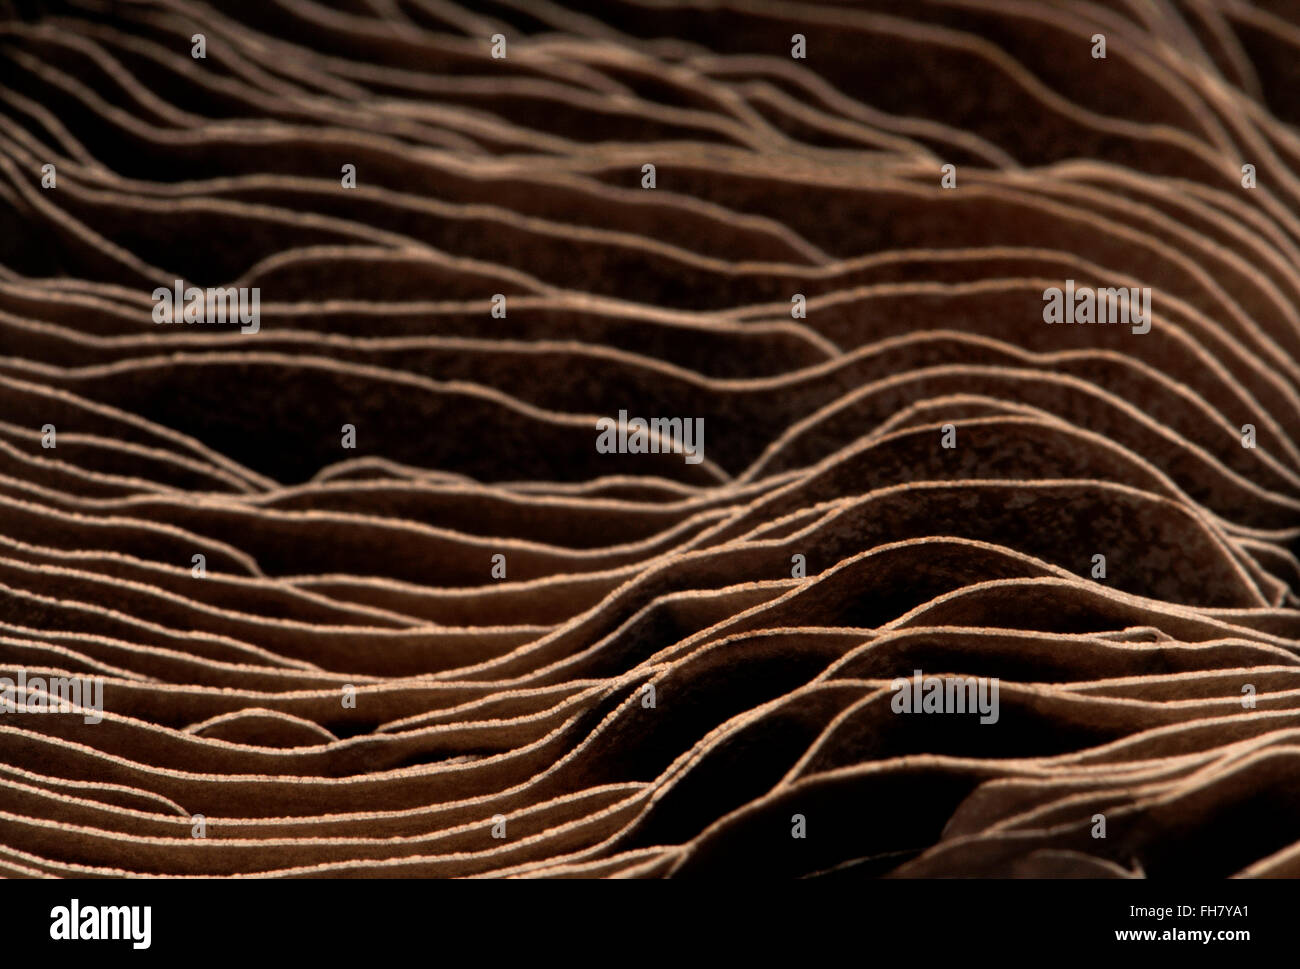 Face inférieure du champignon grand champ montrant branchies - abstract pattern Banque D'Images